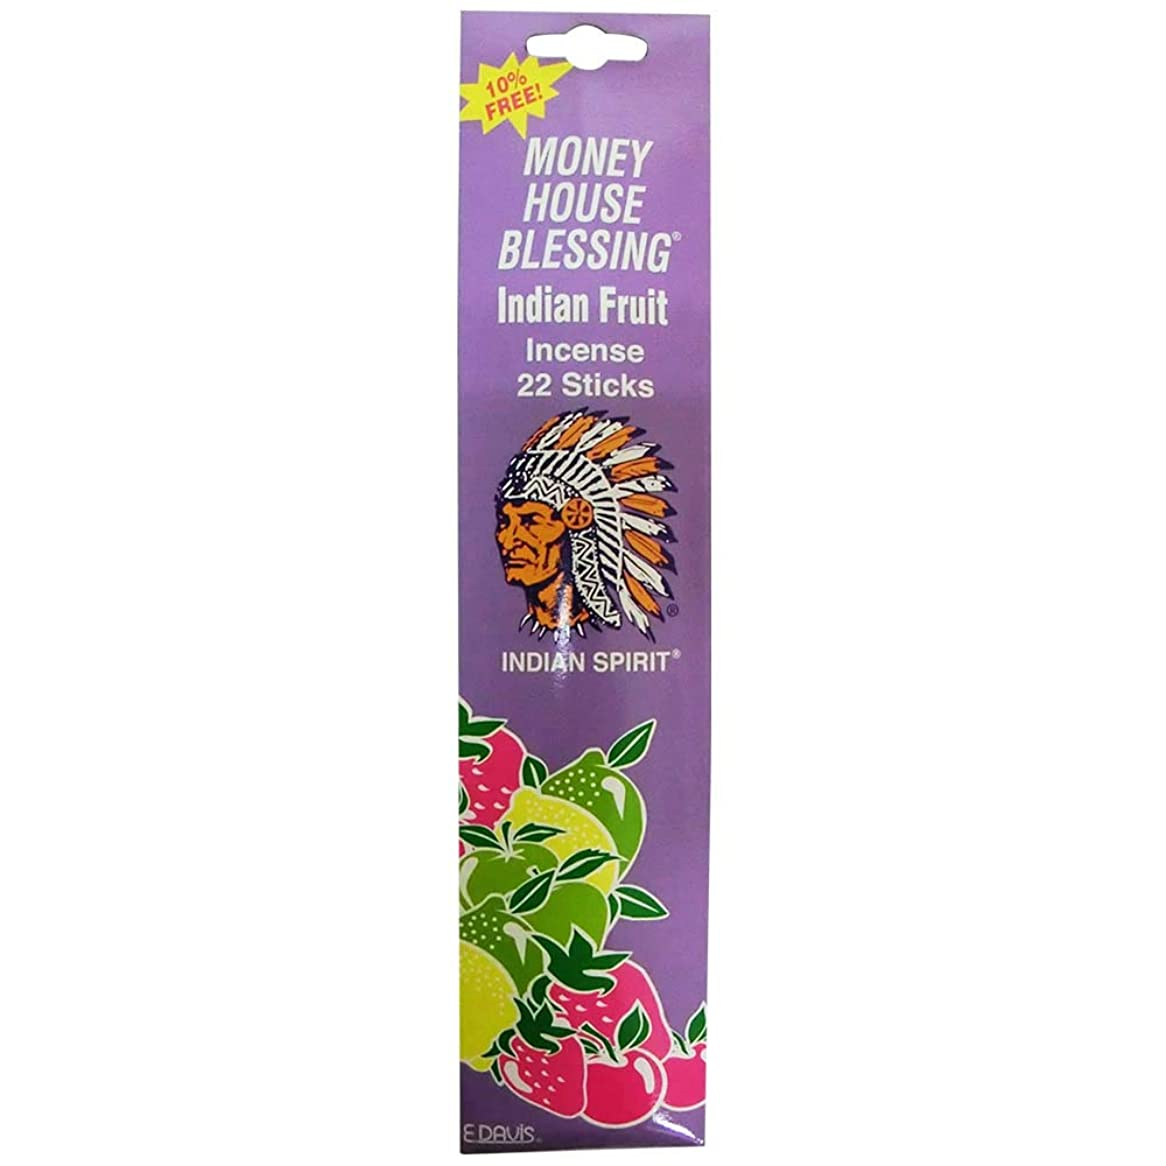 オンスほのめかす贅沢なMoney House Blessing Incence Indian Fruit スティックインセンス